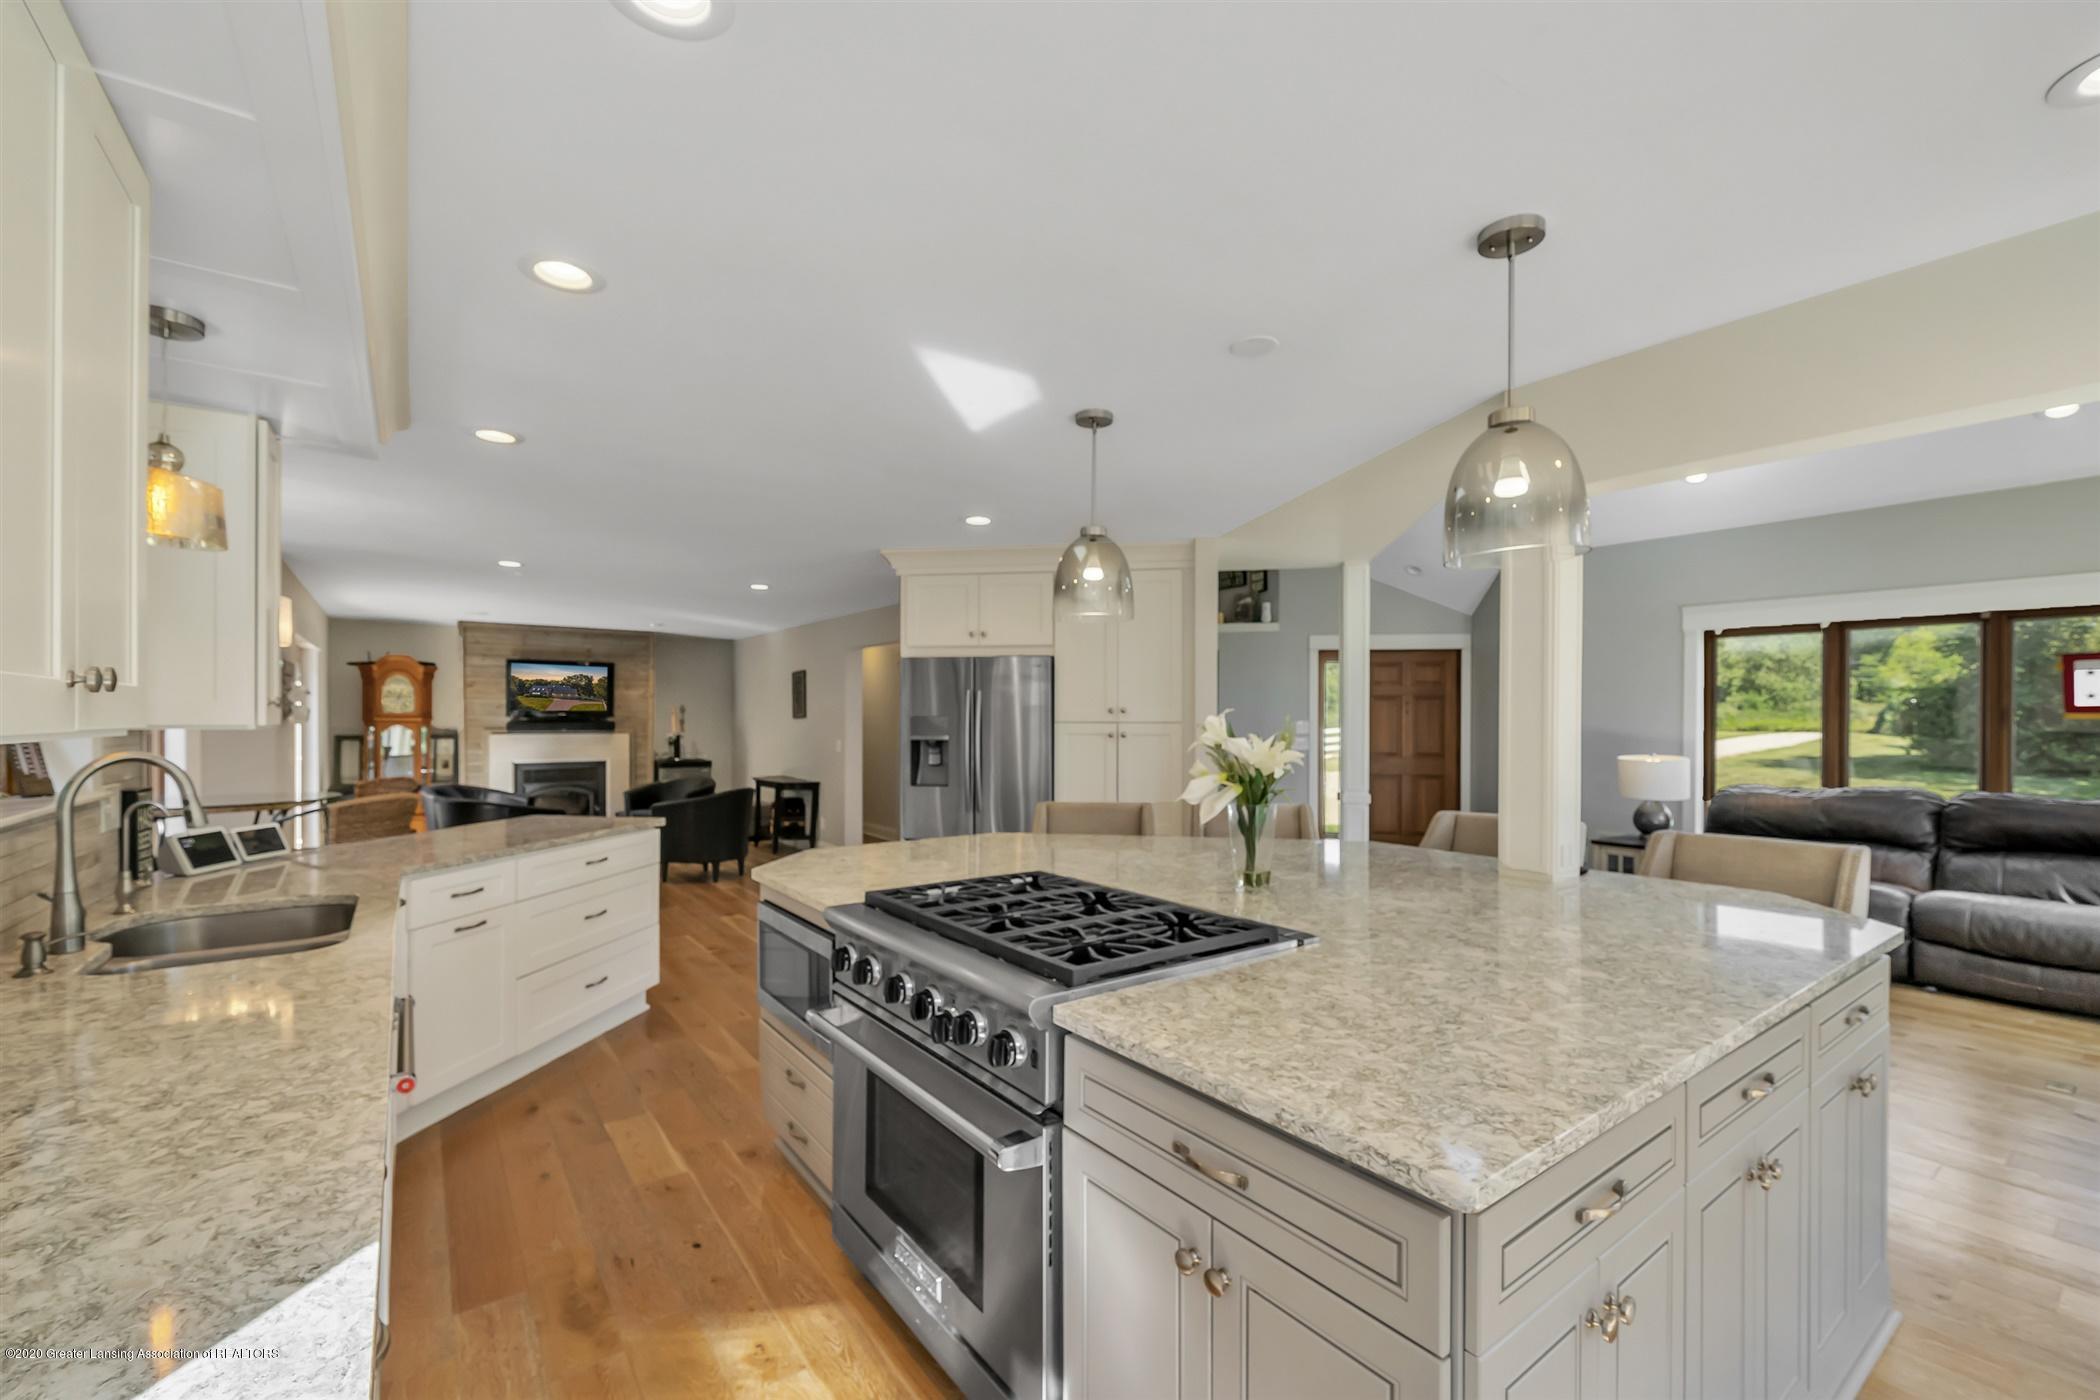 2275 Bravender Rd - MAIN FLOOR Kitchen - 6